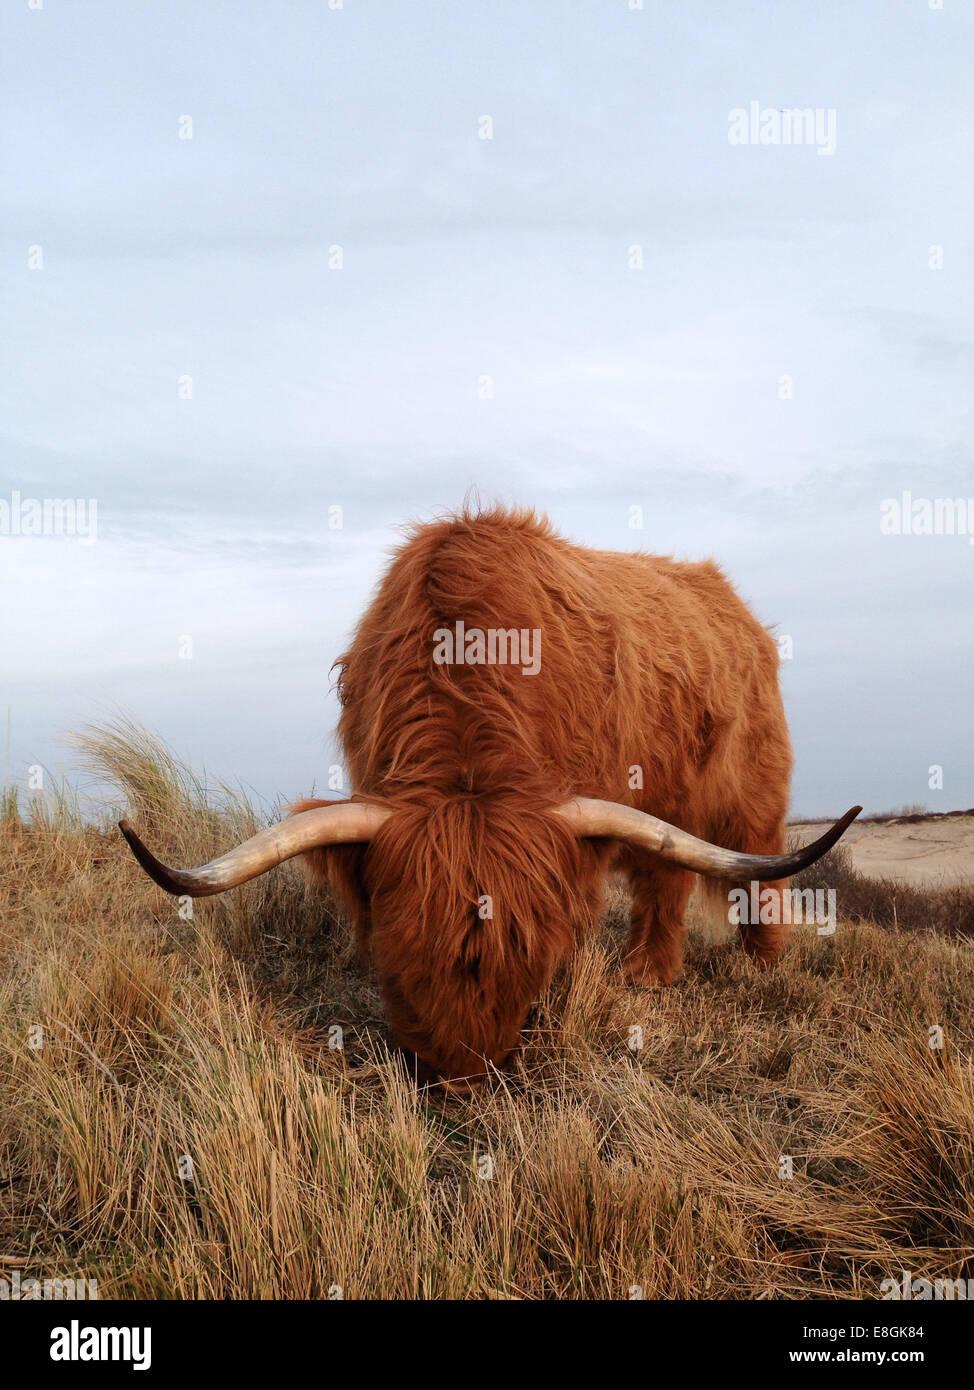 Highland vacas pastando en el campo, Scheveningen, Países Bajos Foto de stock